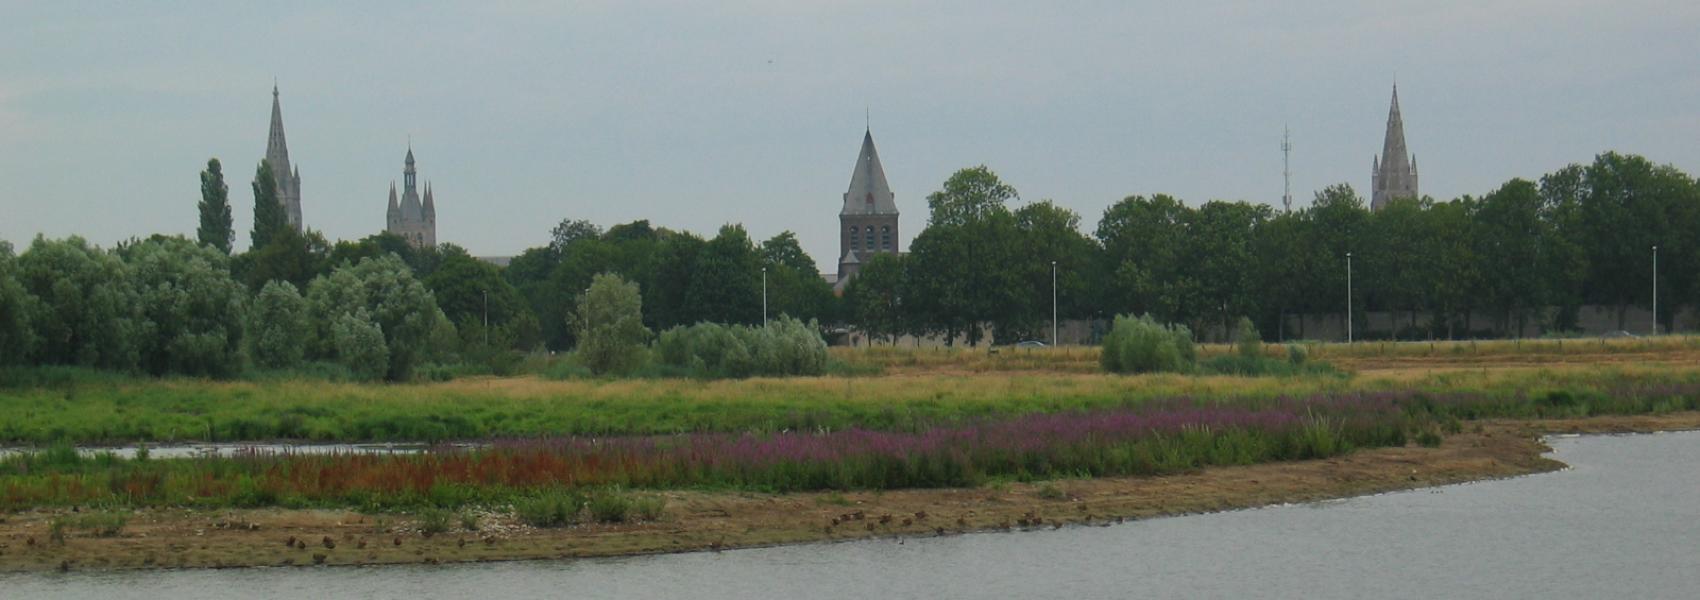 zicht op het water en graslandschap met op de achtergrond de stad Ieper